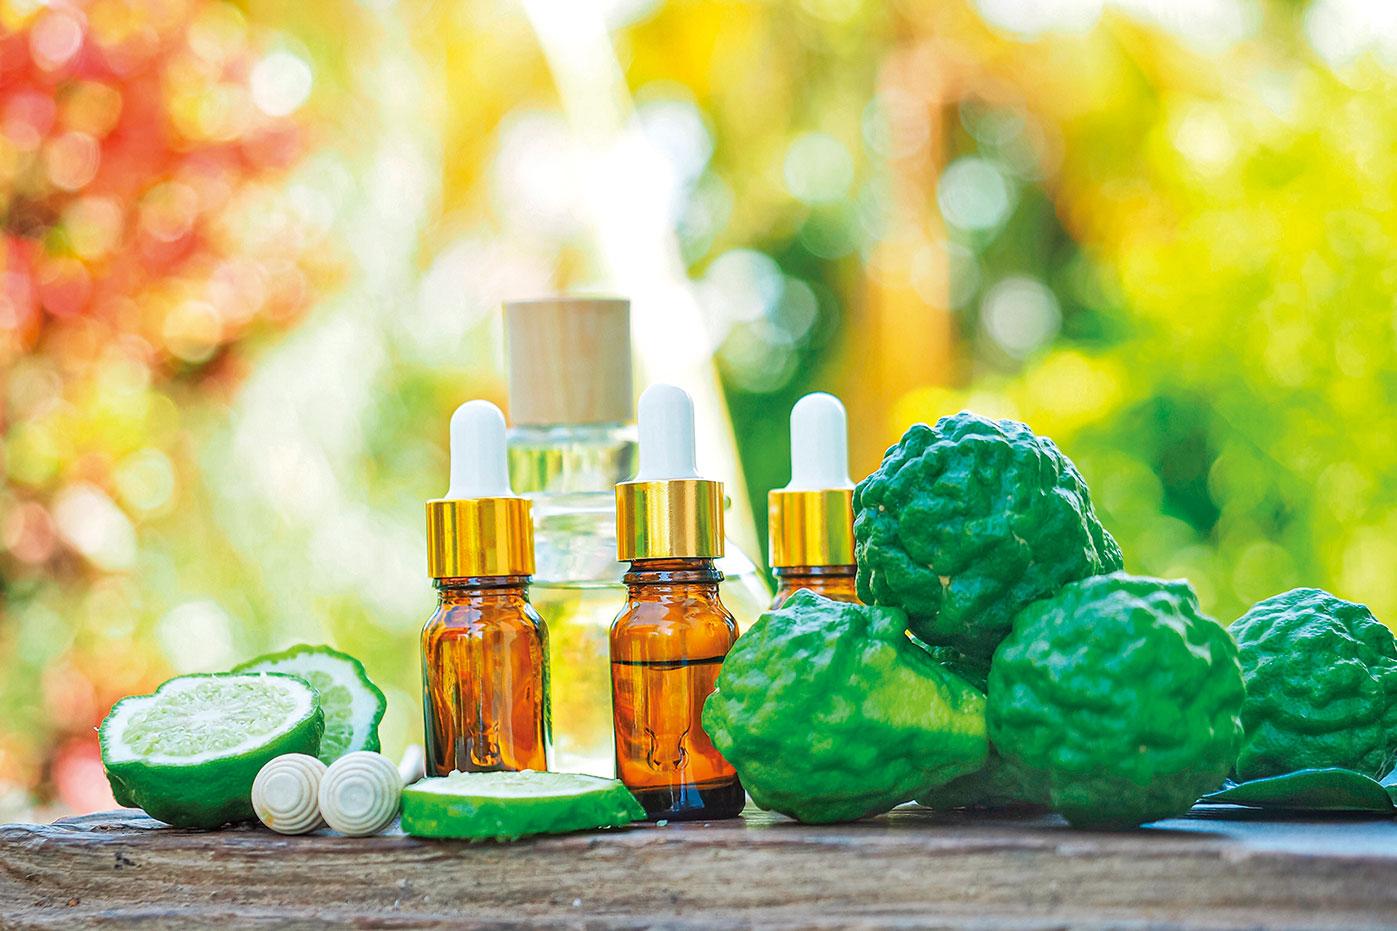 佛手柑精油能安定和提振身心,舒緩疲勞。(圖|Shutterstock)